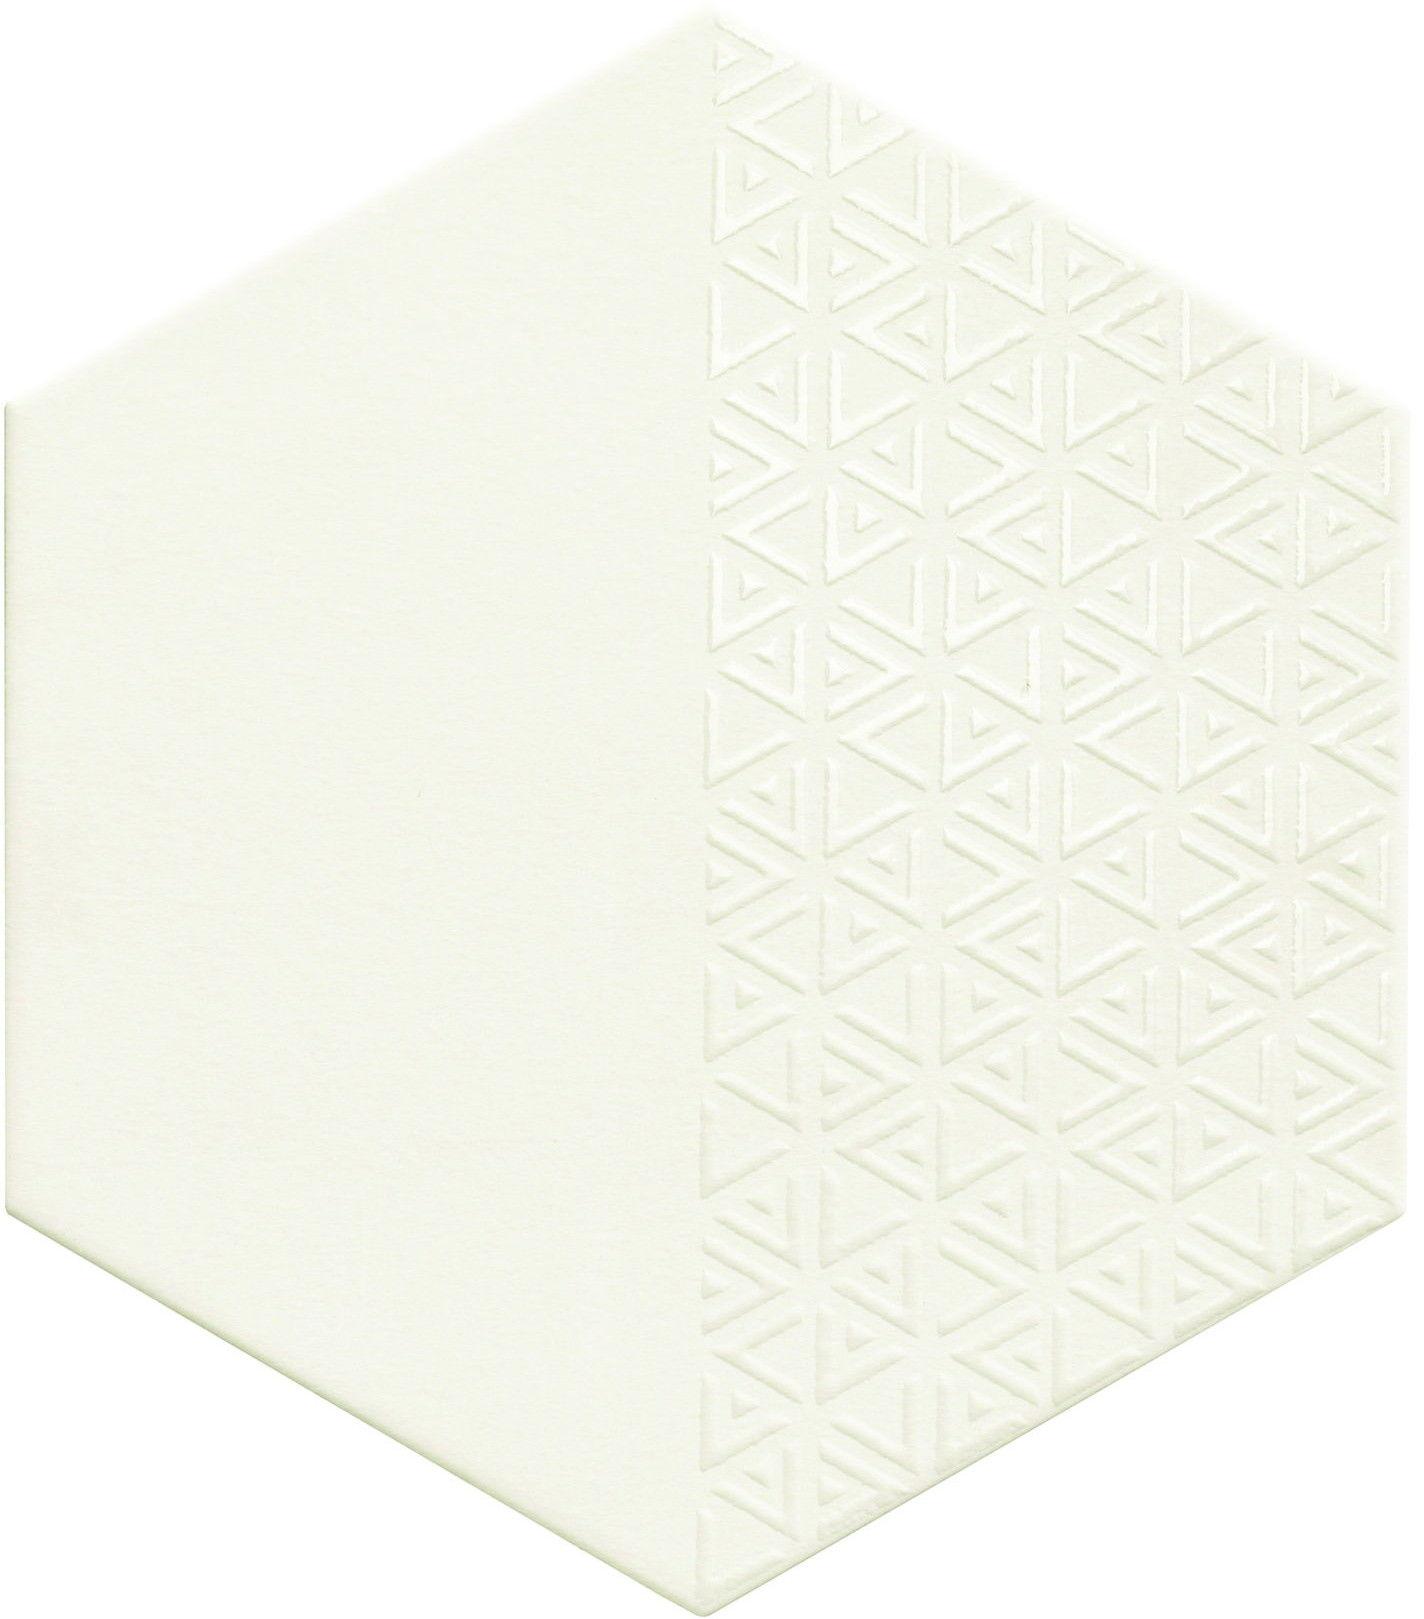 Opal Deco White 28,5x33 płytki heksagonalne